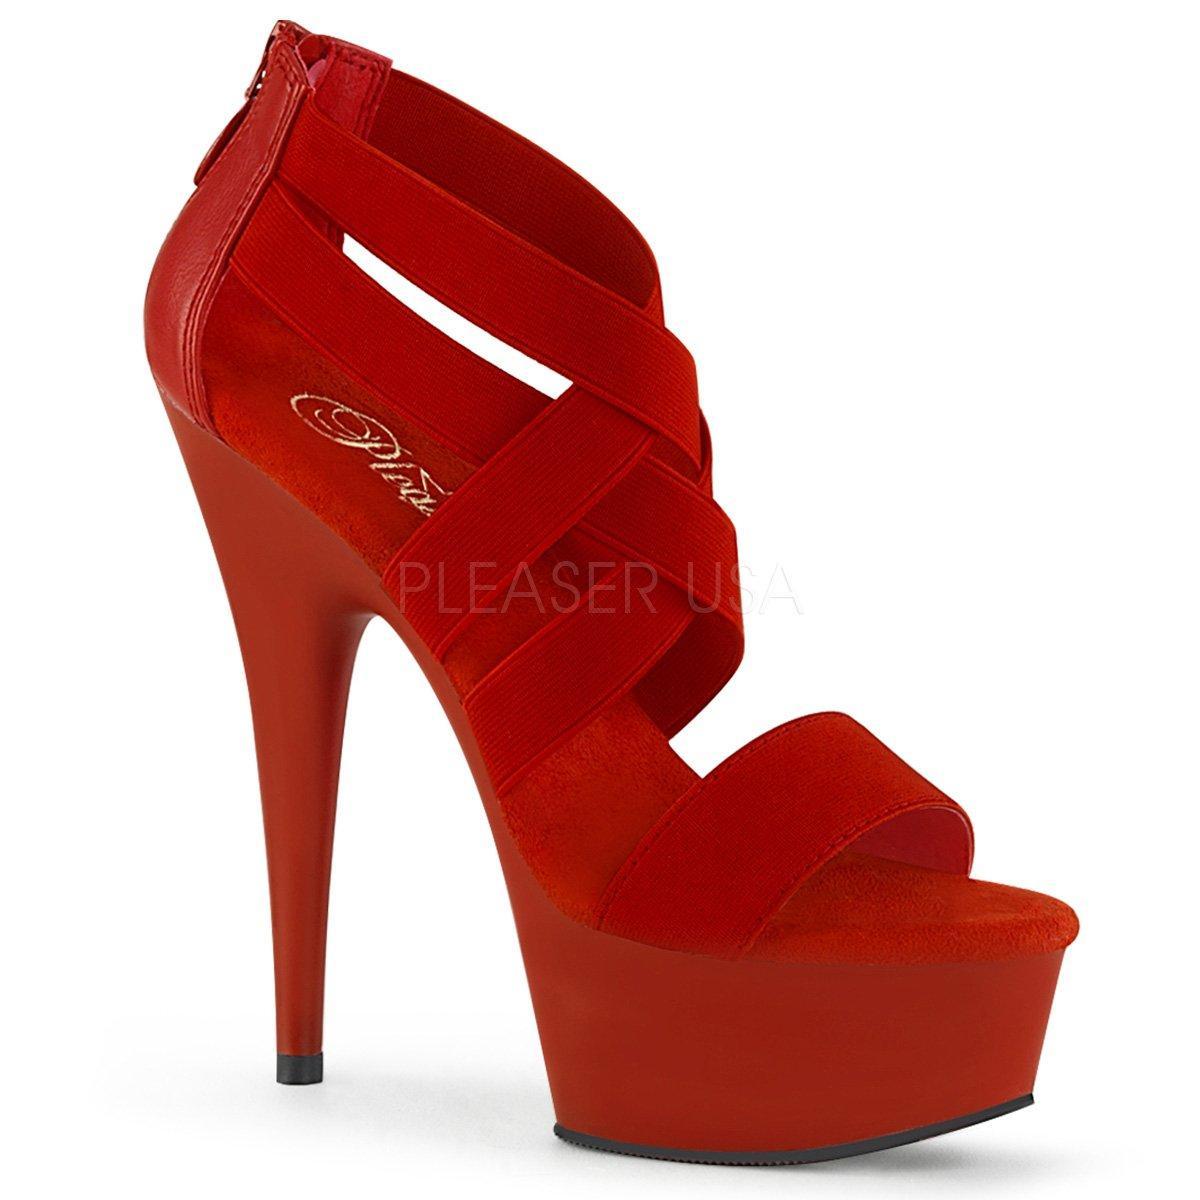 5614c75b155 DELIGHT-669 Černé dámské páskové boty ke kotníčkům